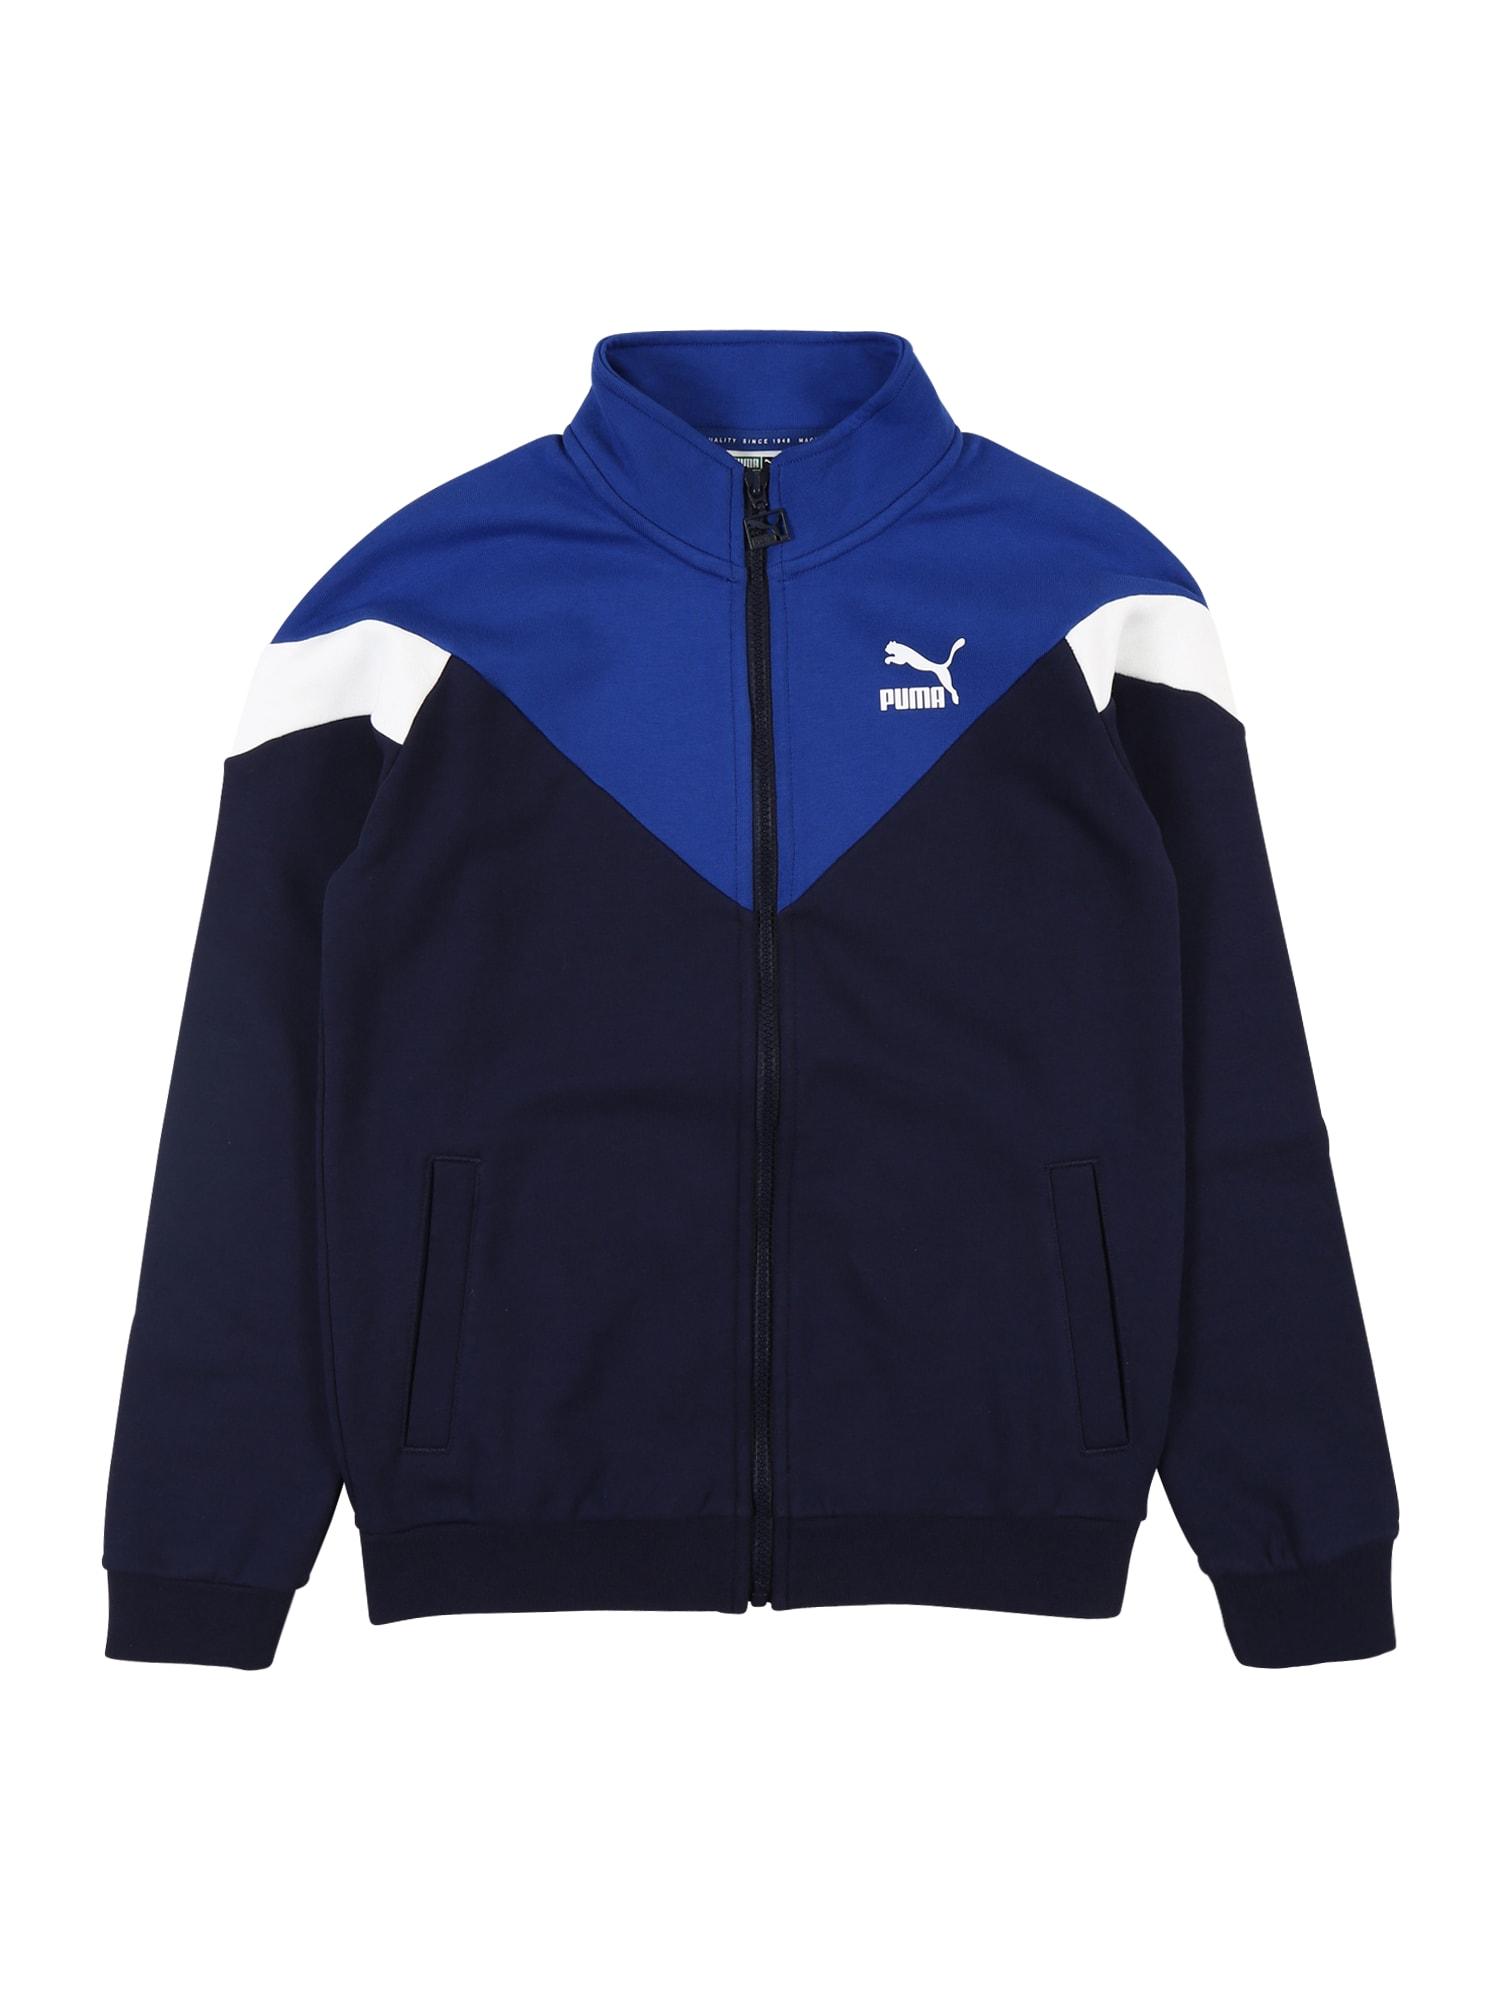 PUMA Sportovní bunda  marine modrá / nebeská modř / bílá